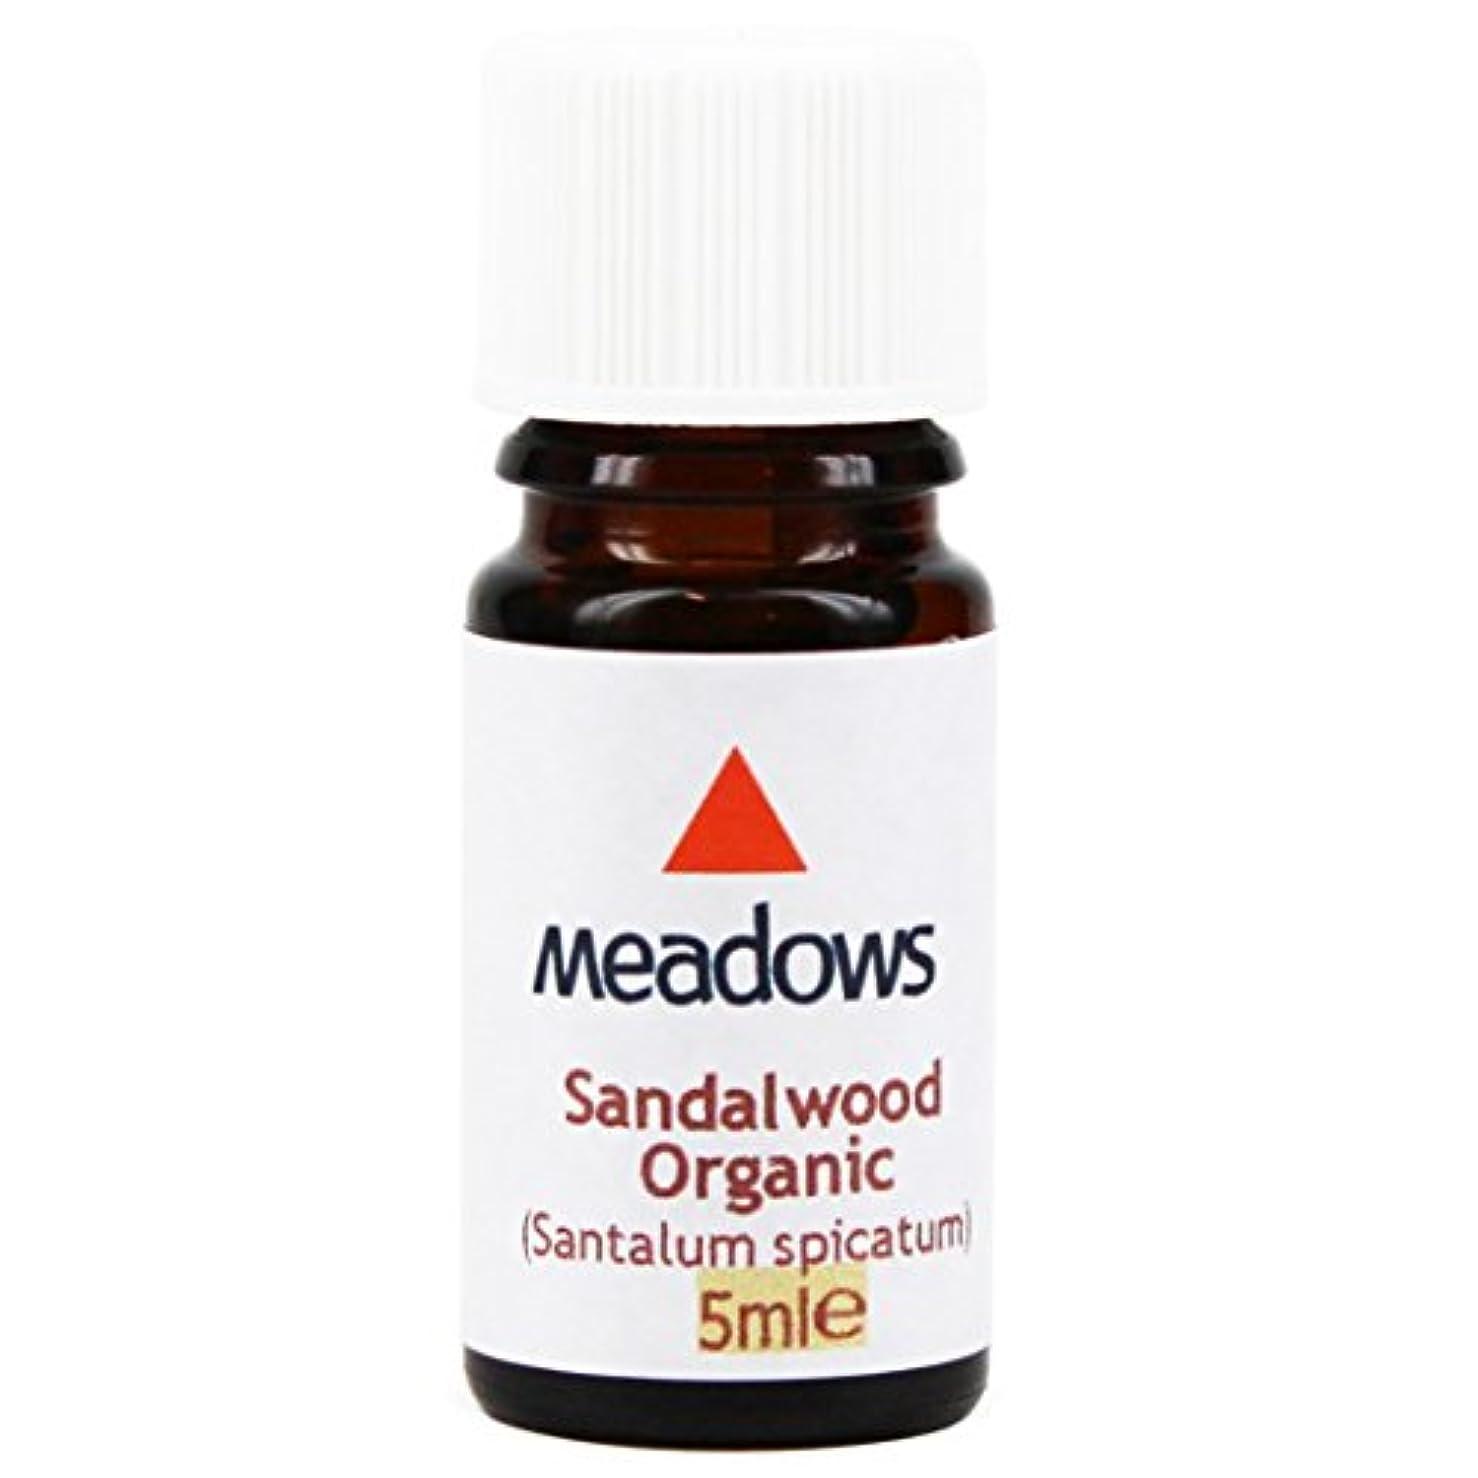 透明にママポーンメドウズ エッセンシャルオイル サンダルウッド 5ml